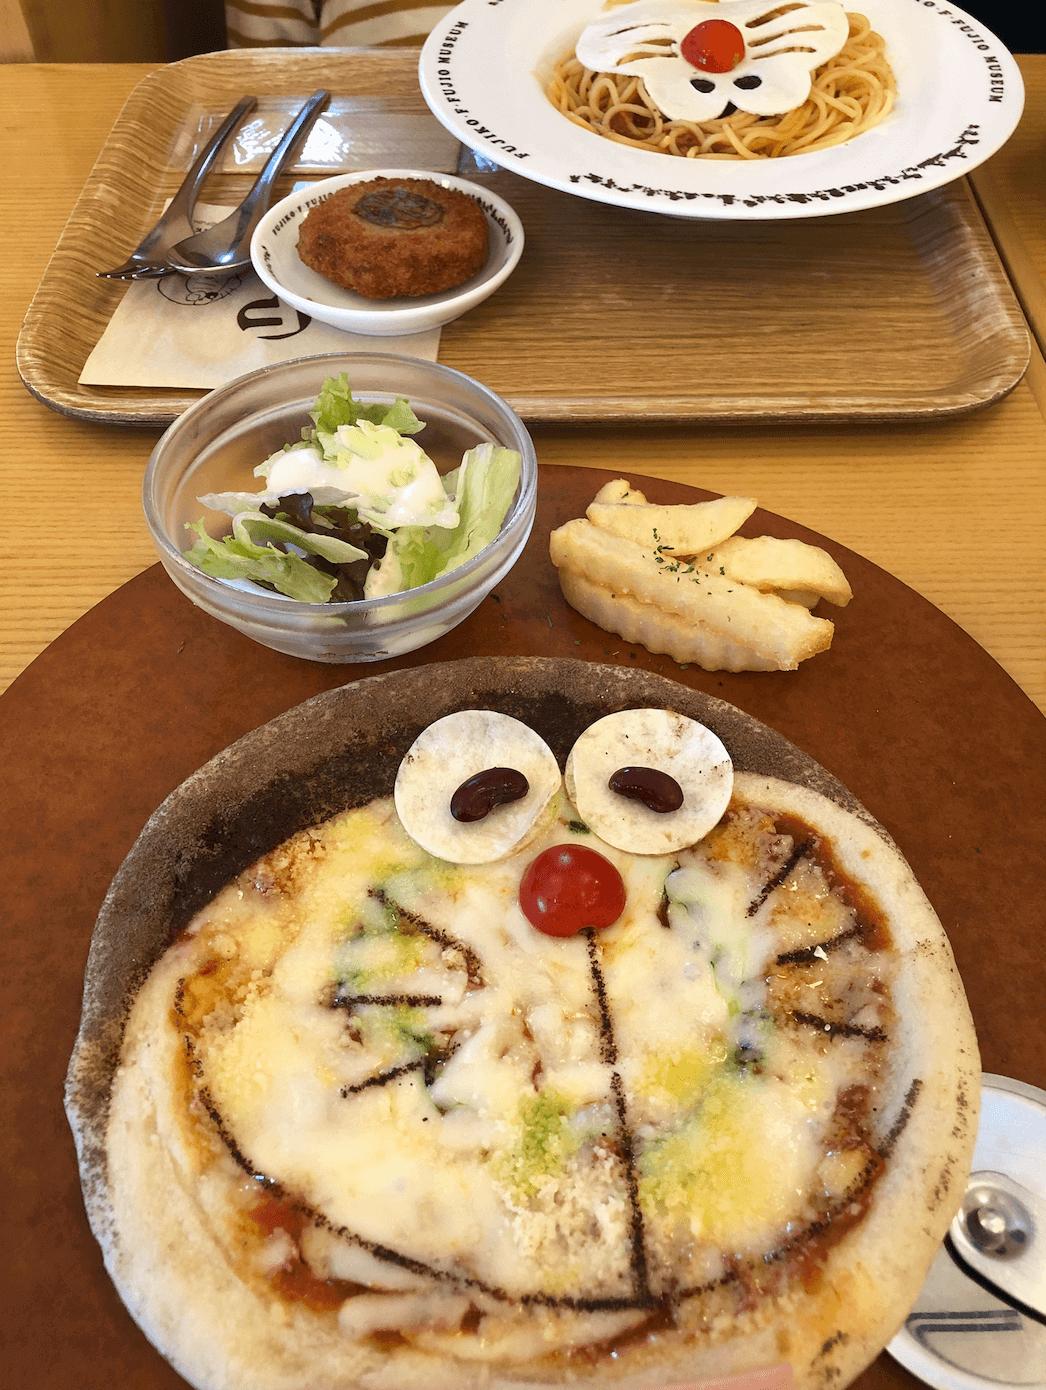 藤子・F・不二雄ミュージアム内レストラン(カフェ)のピザ「ドラゲリータ」